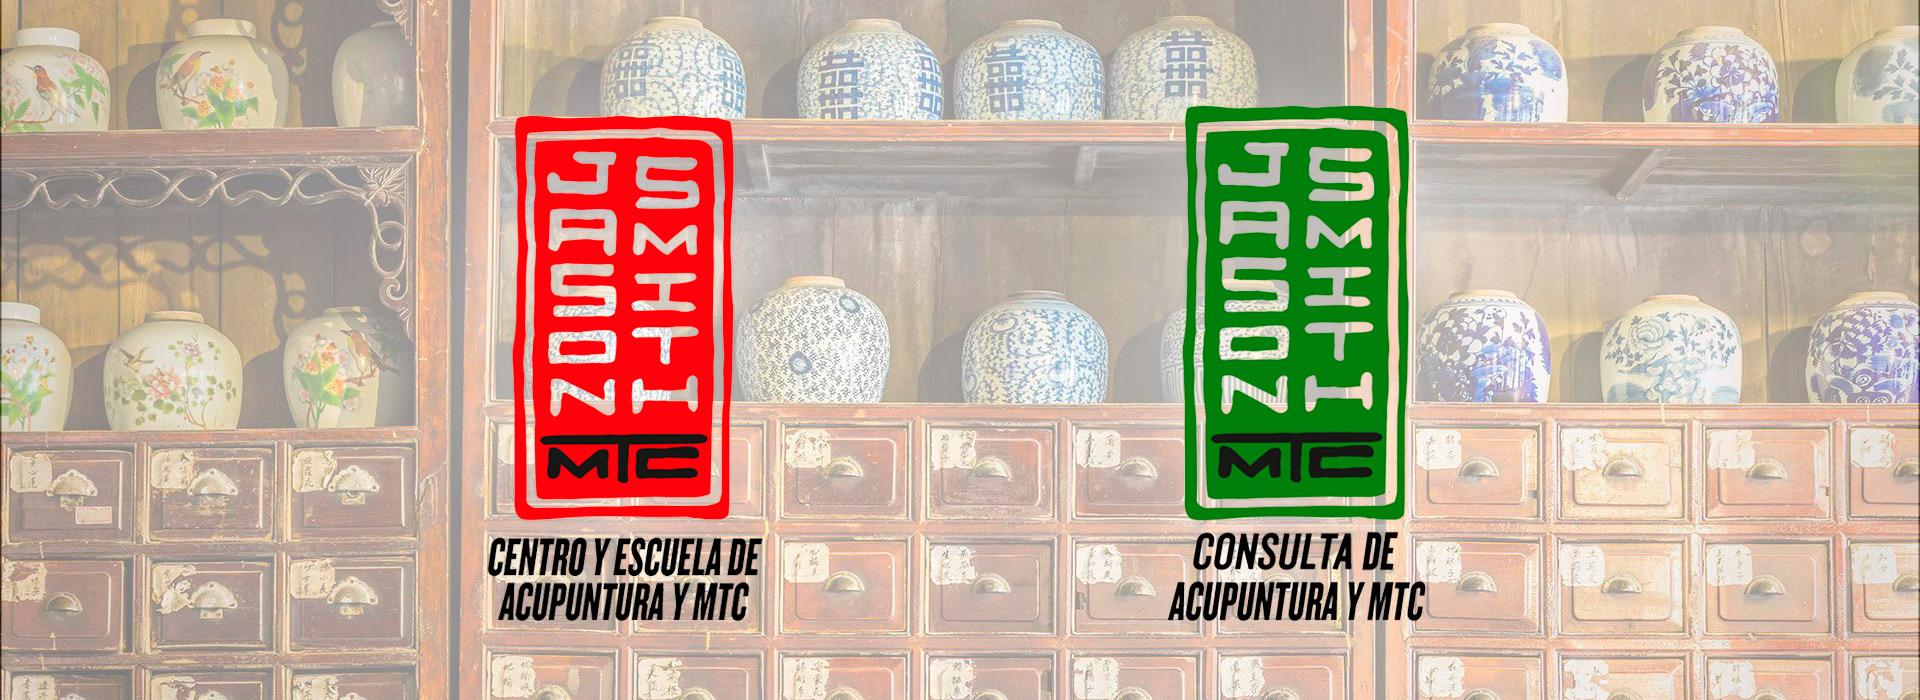 escuela de acupuntura en madrid